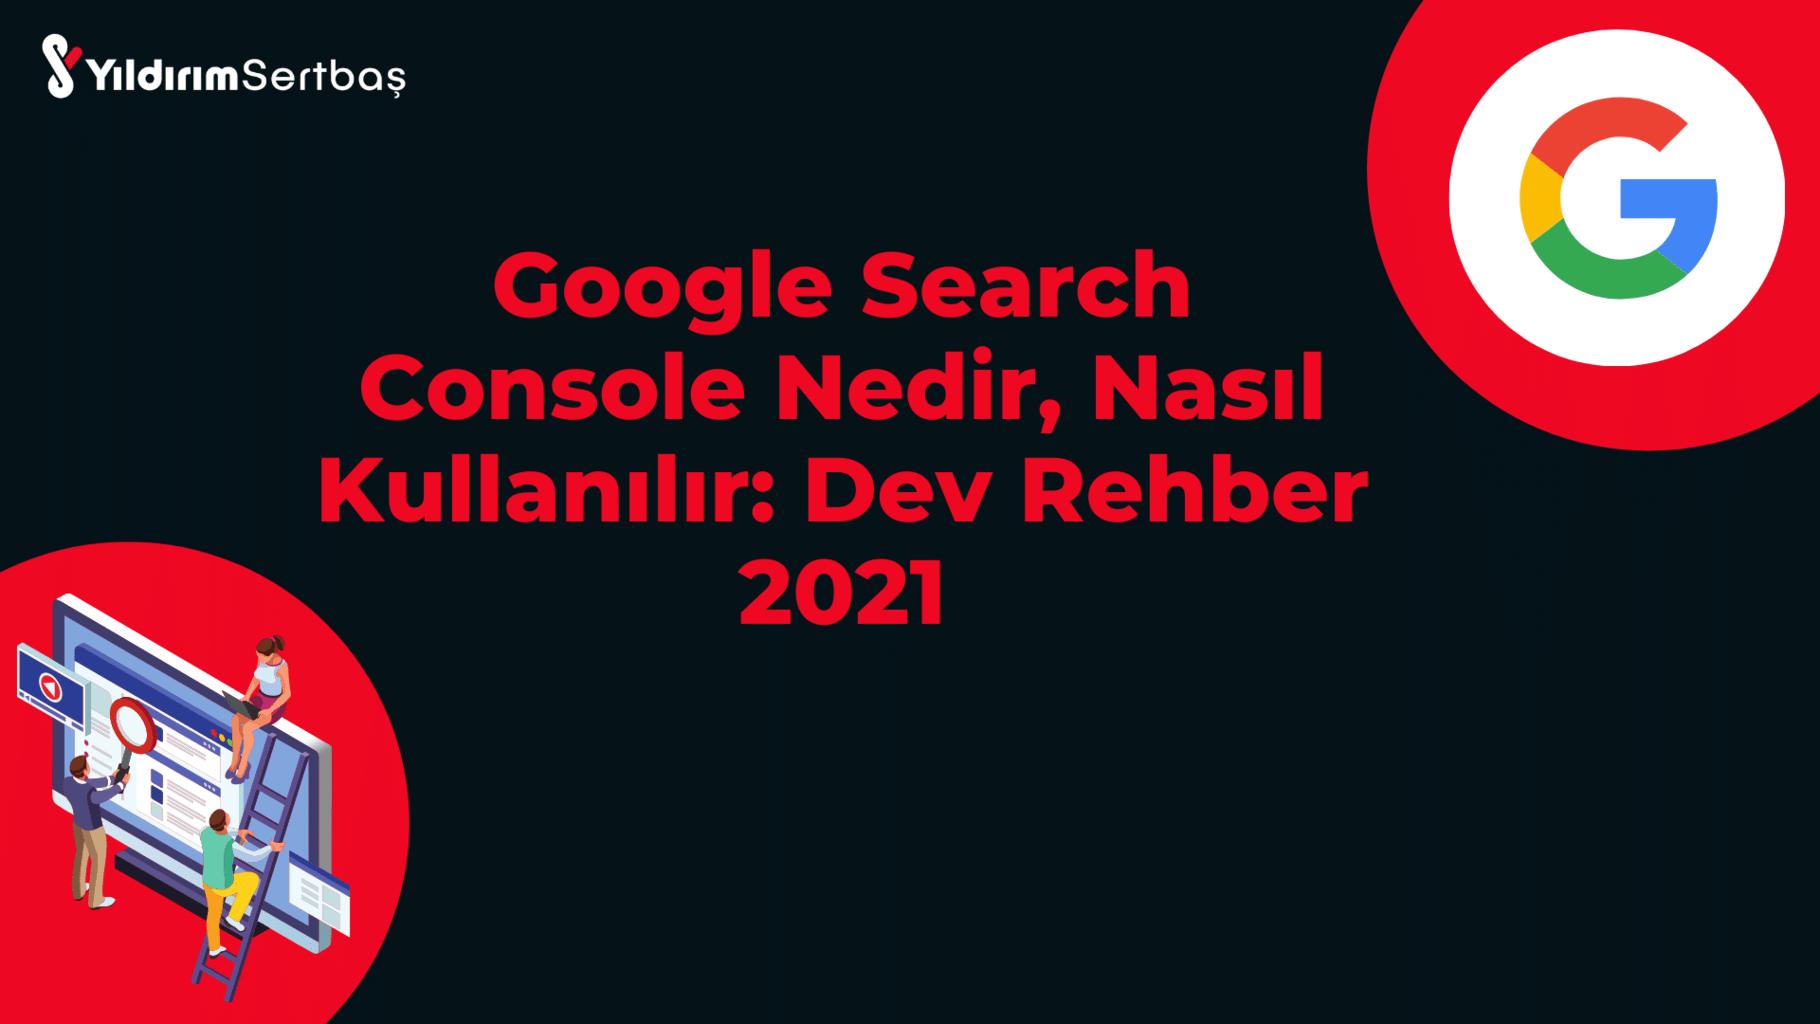 Google Search Console Nedir, Nasıl Kullanılır